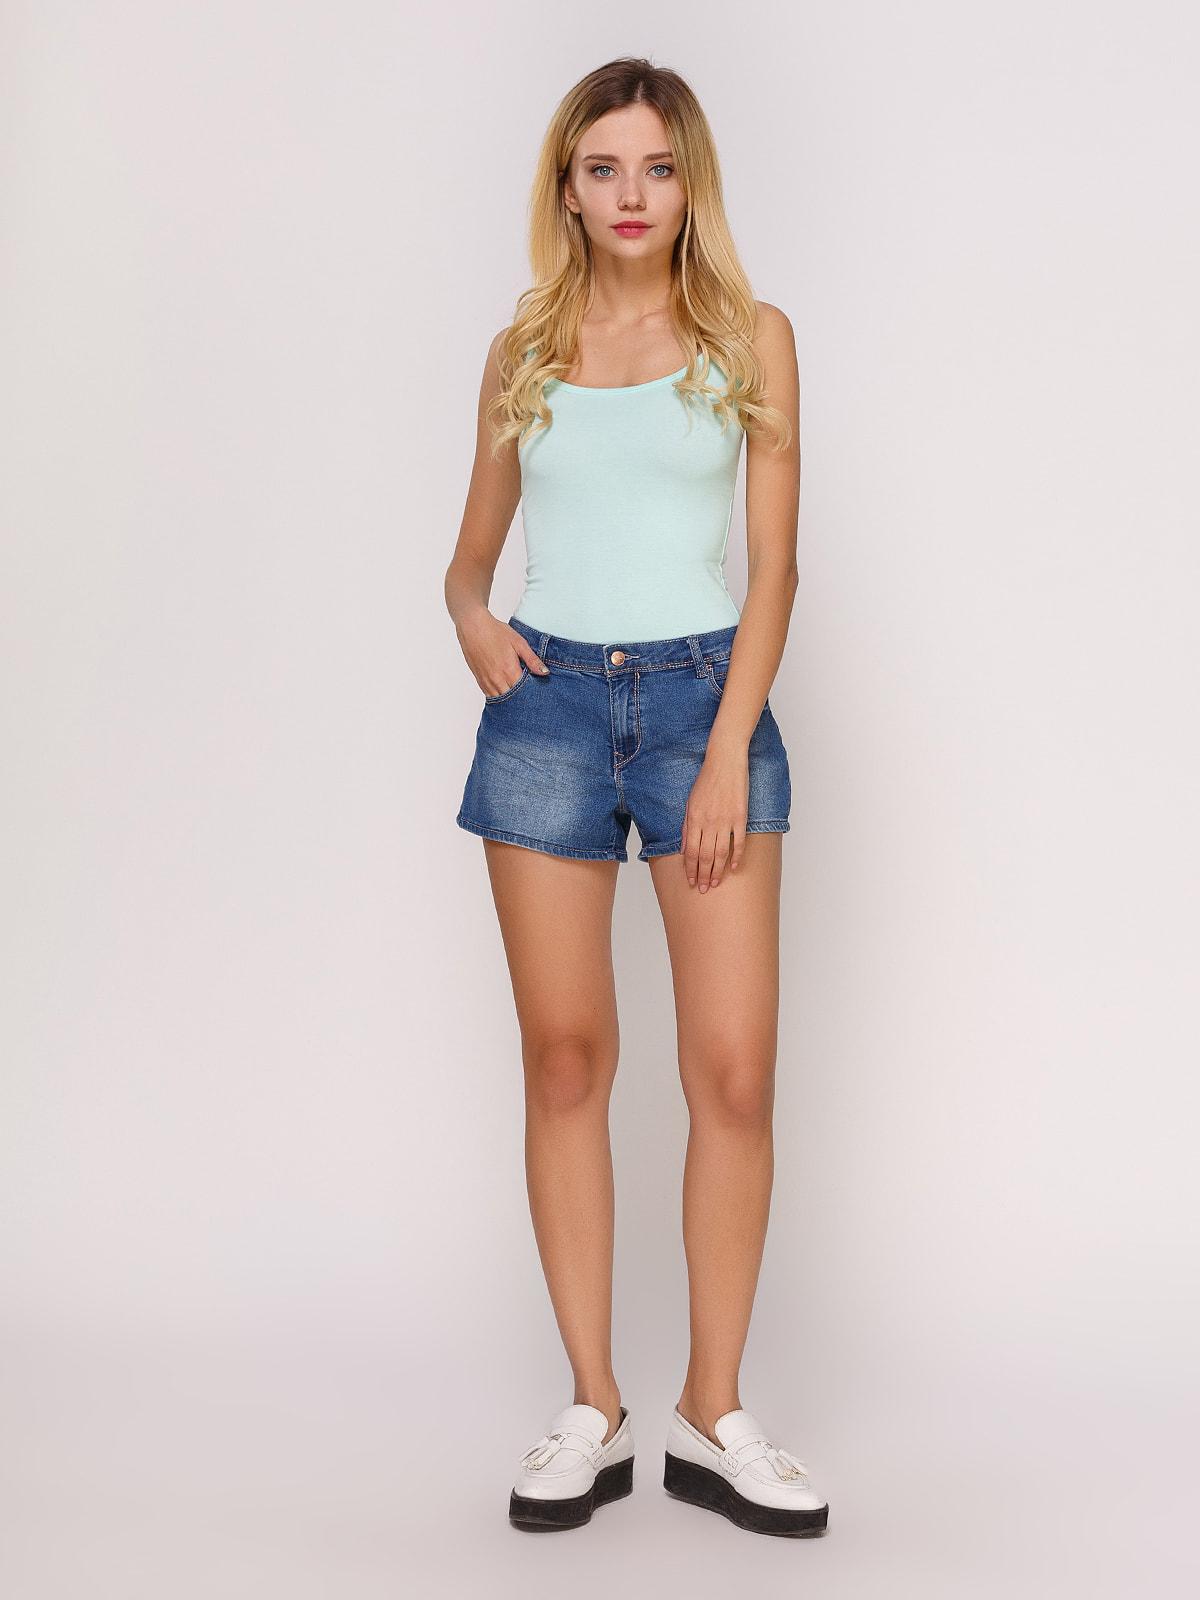 Шорты синие джинсовые | 4627351 | фото 2